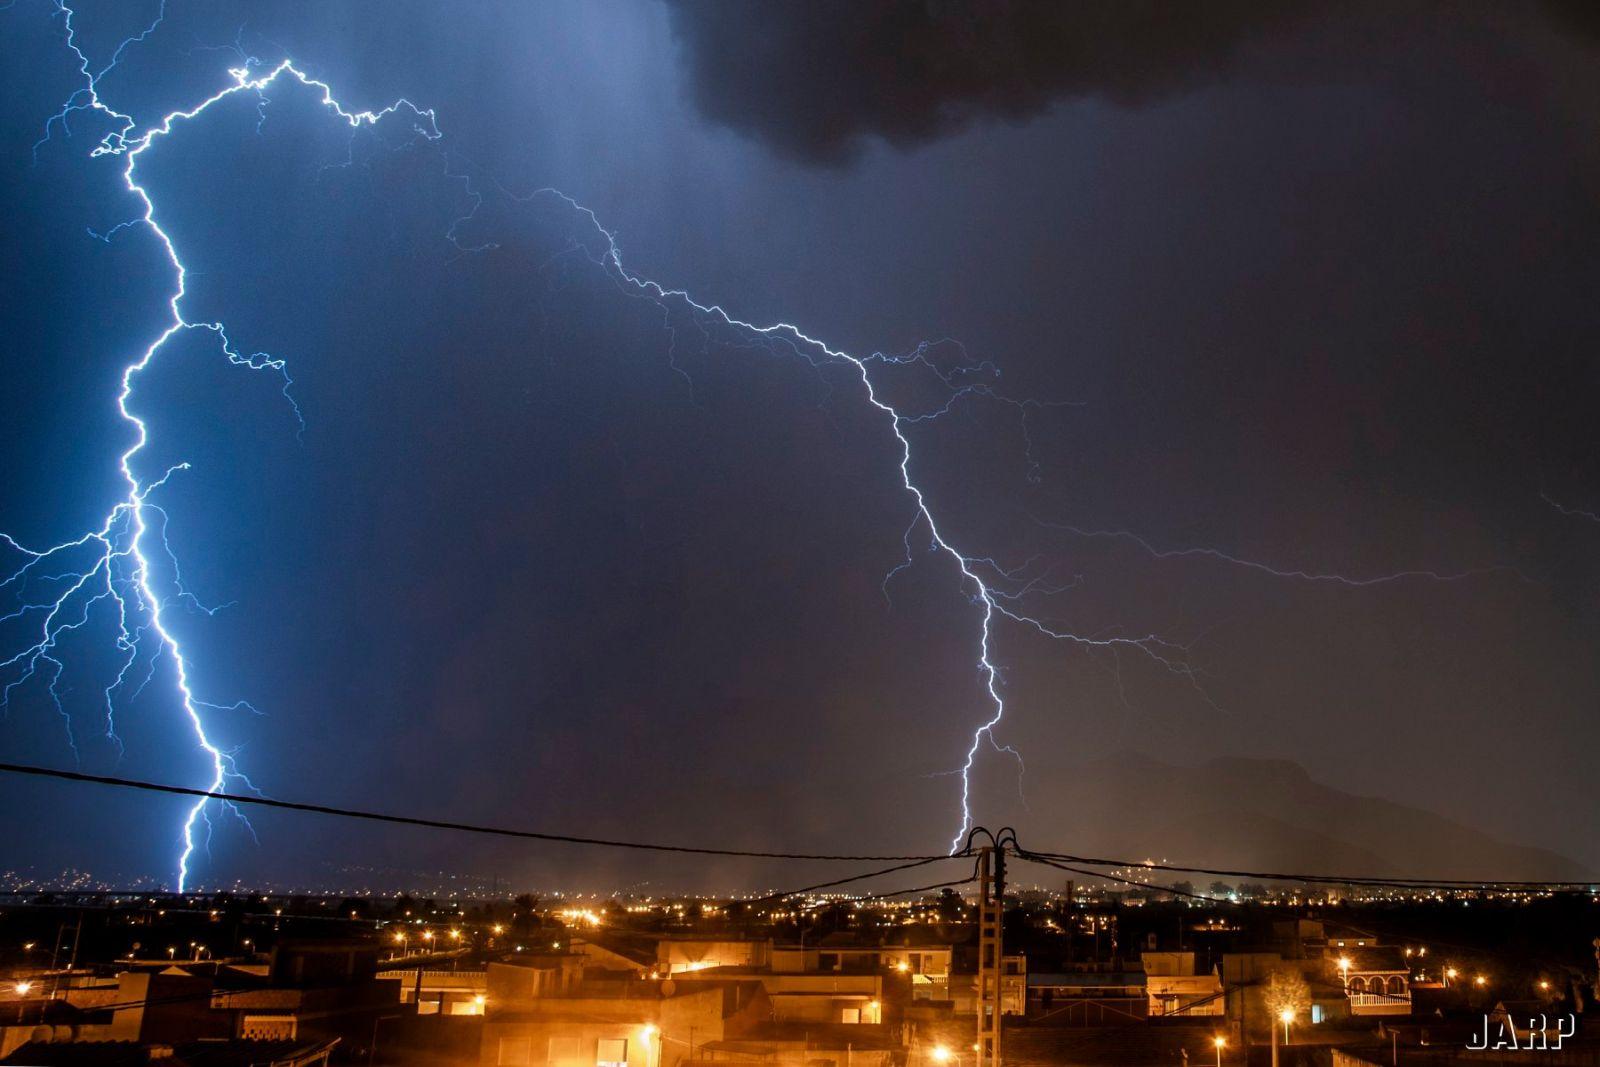 Image d'illustration pour L'actualité météo dans le monde en ce début Avril